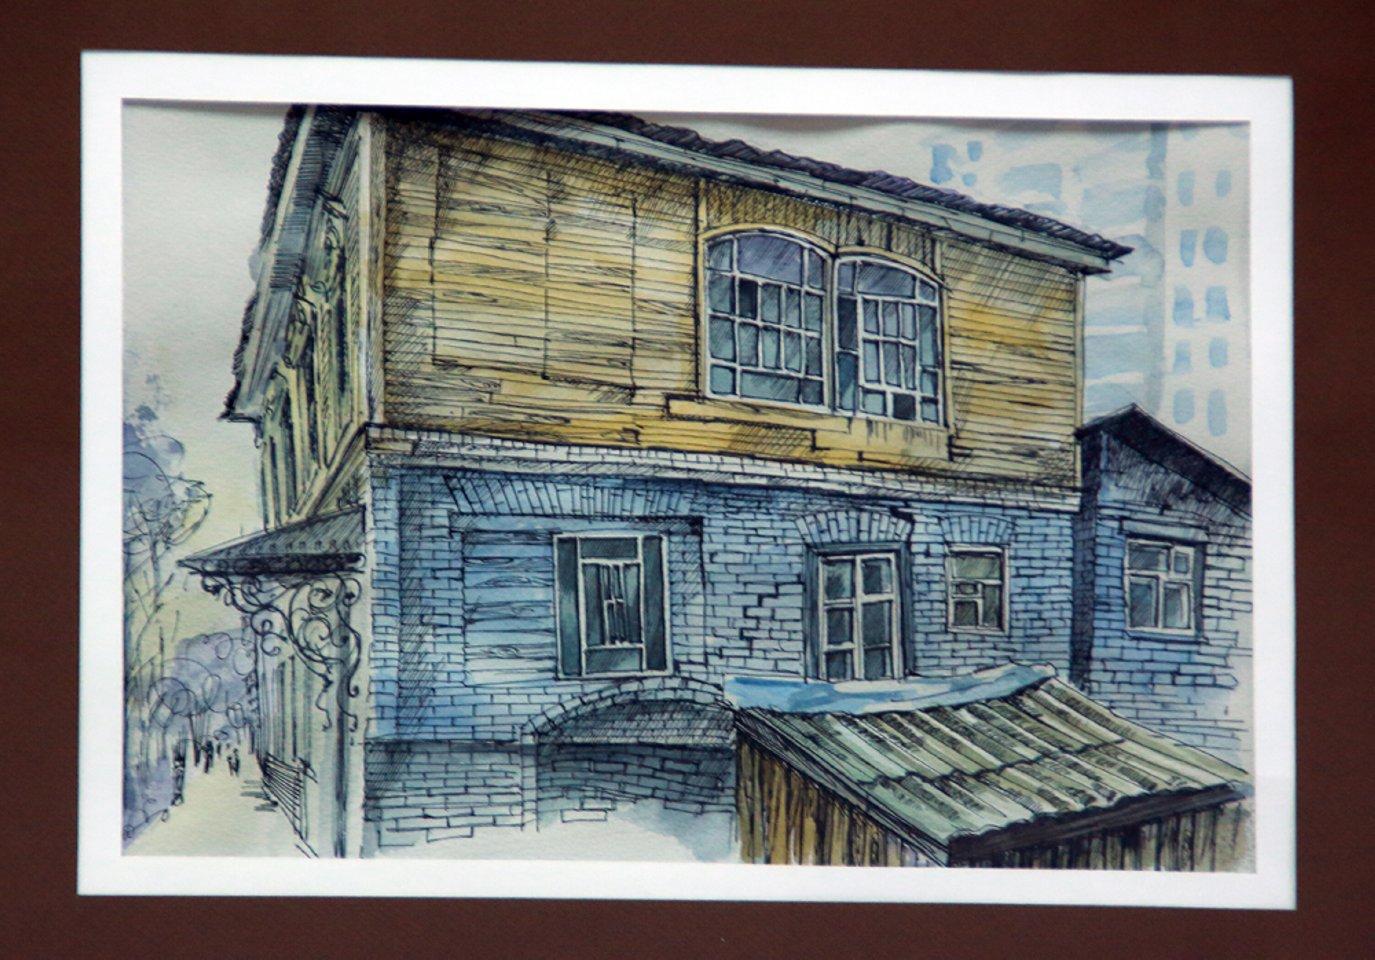 «Мы здесь жили»: персональная выставка художника и архитектора Евгении Лаздиной в Музее истории города Уфы